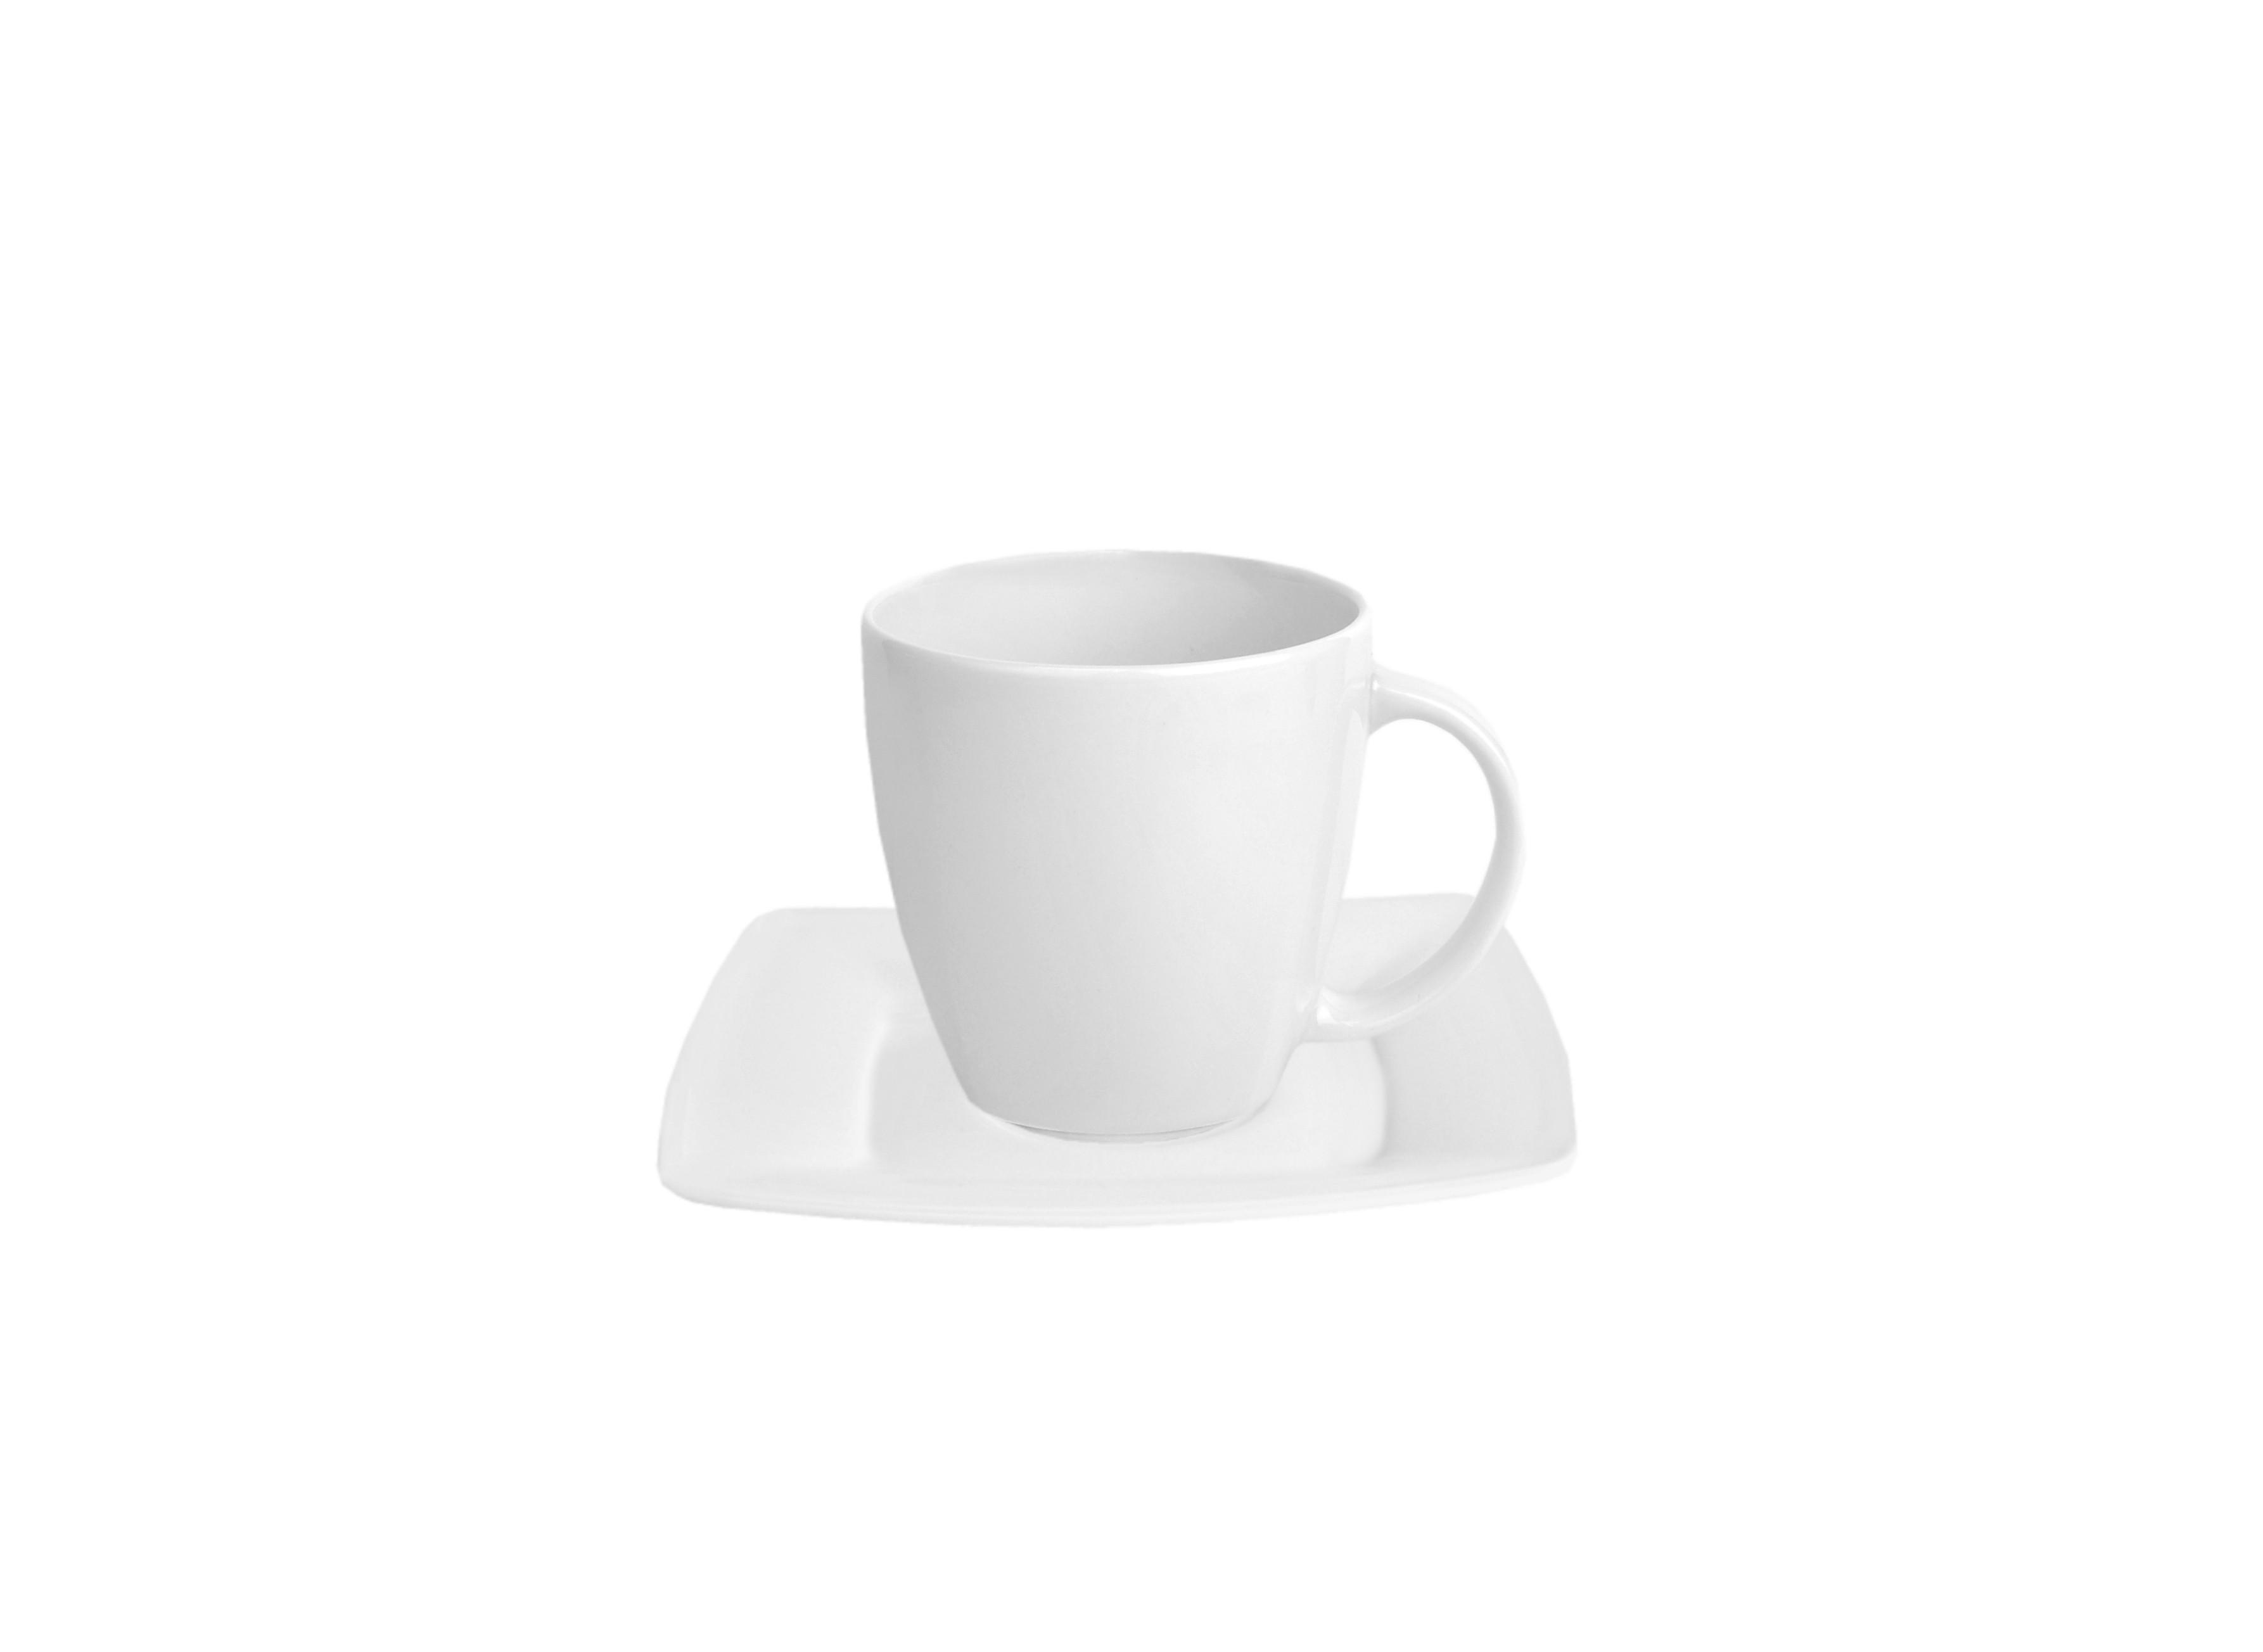 6er set espressotassen mit espressotassen classico wei tasse geschirr porzellan ebay. Black Bedroom Furniture Sets. Home Design Ideas